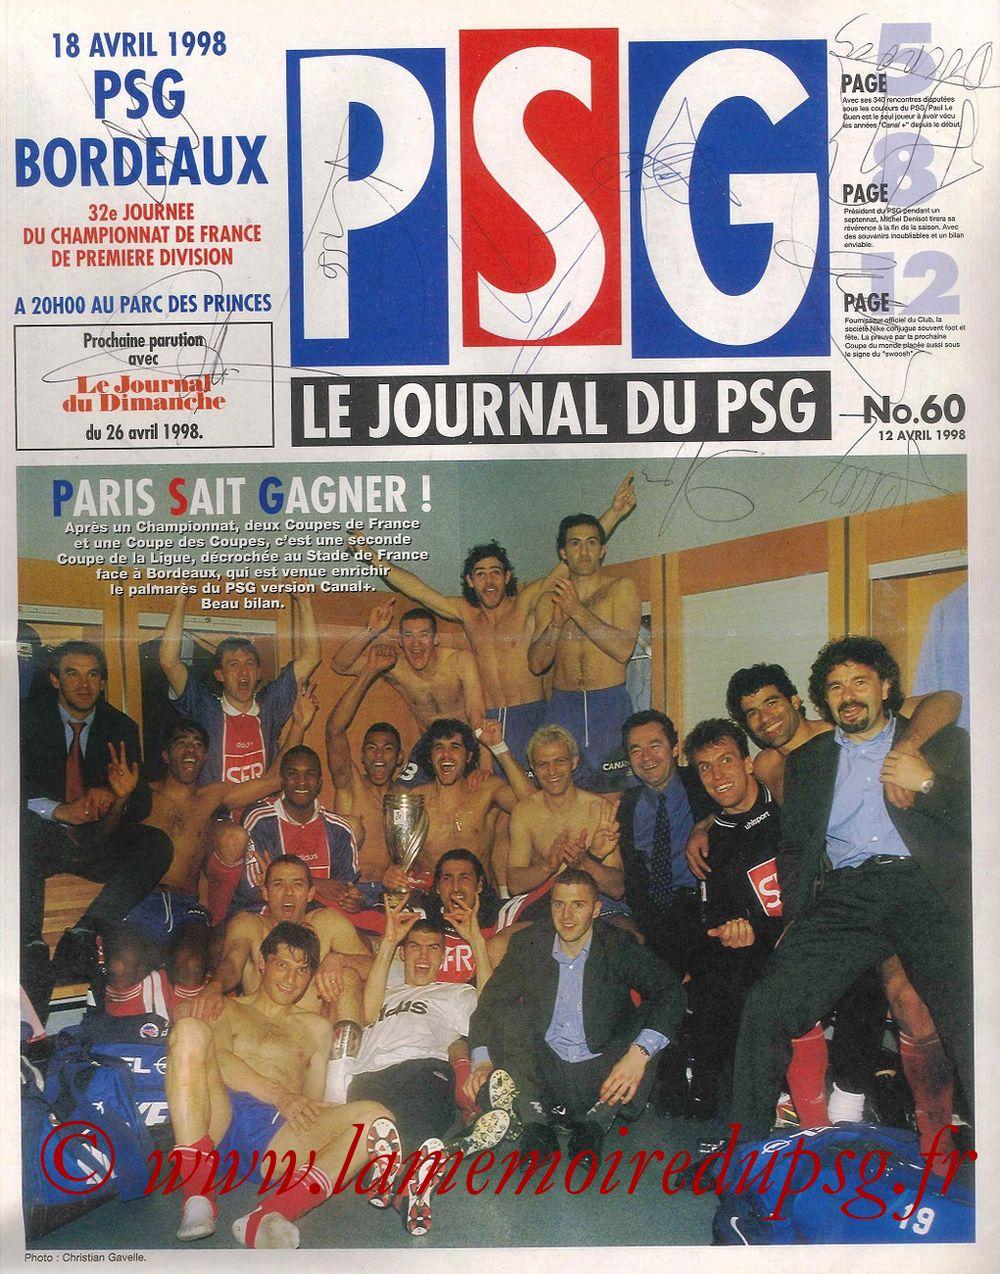 1998-04-18  PSG-Bordeaux (32ème D1, Le Journal du PSG N° 60)